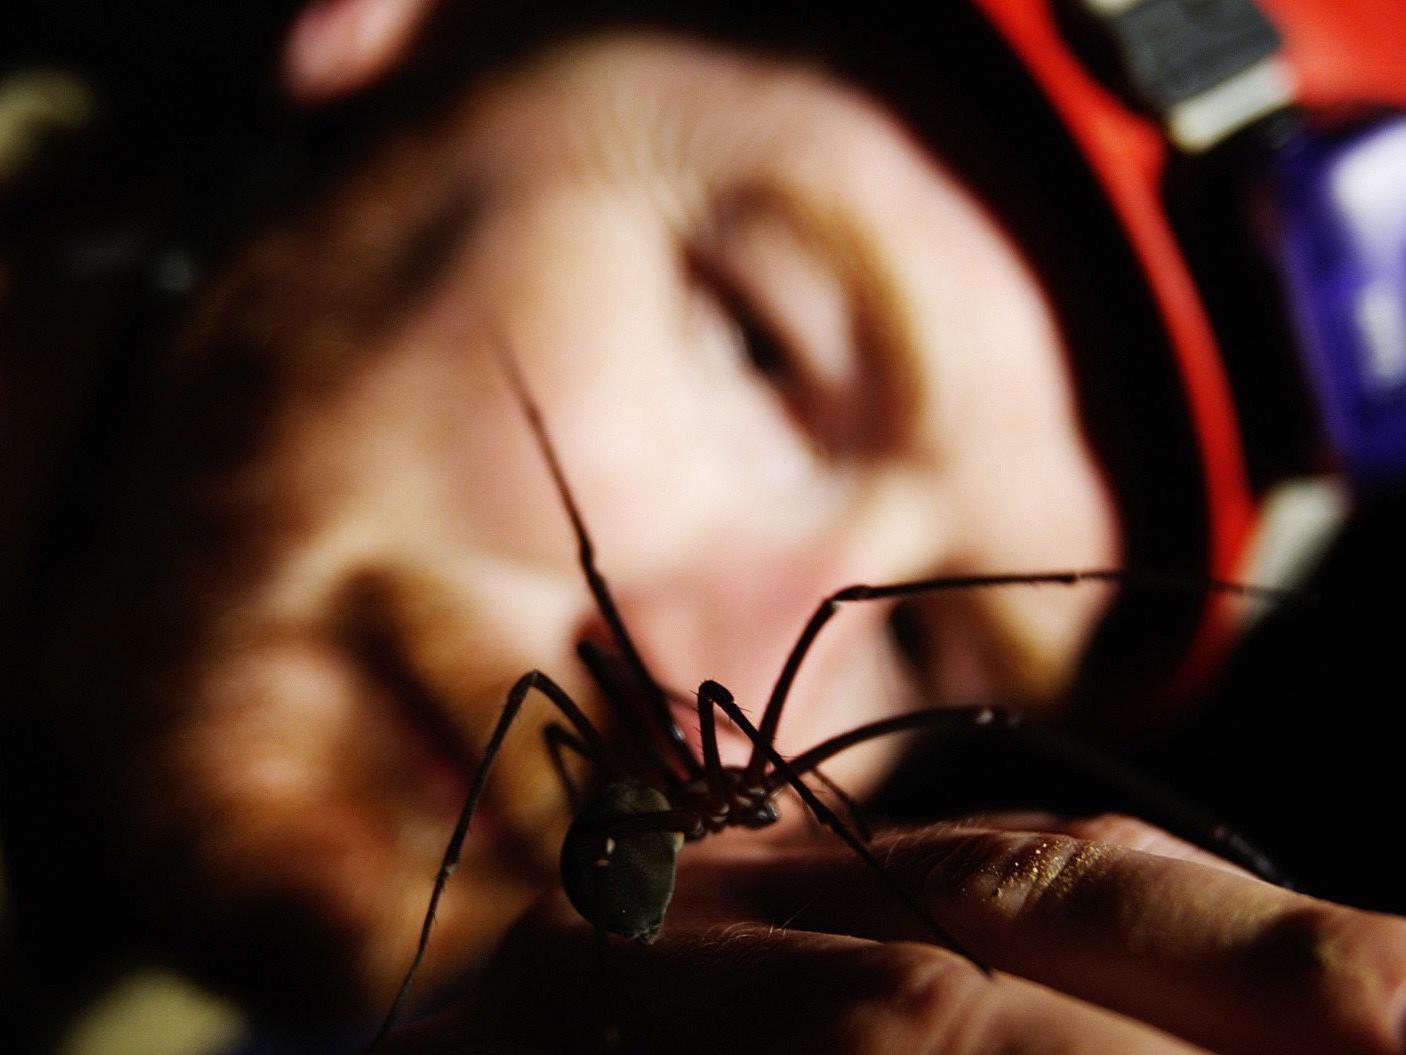 Drei Tage lang hat ein Australier mit einer Spinne im Bauch gelebt.